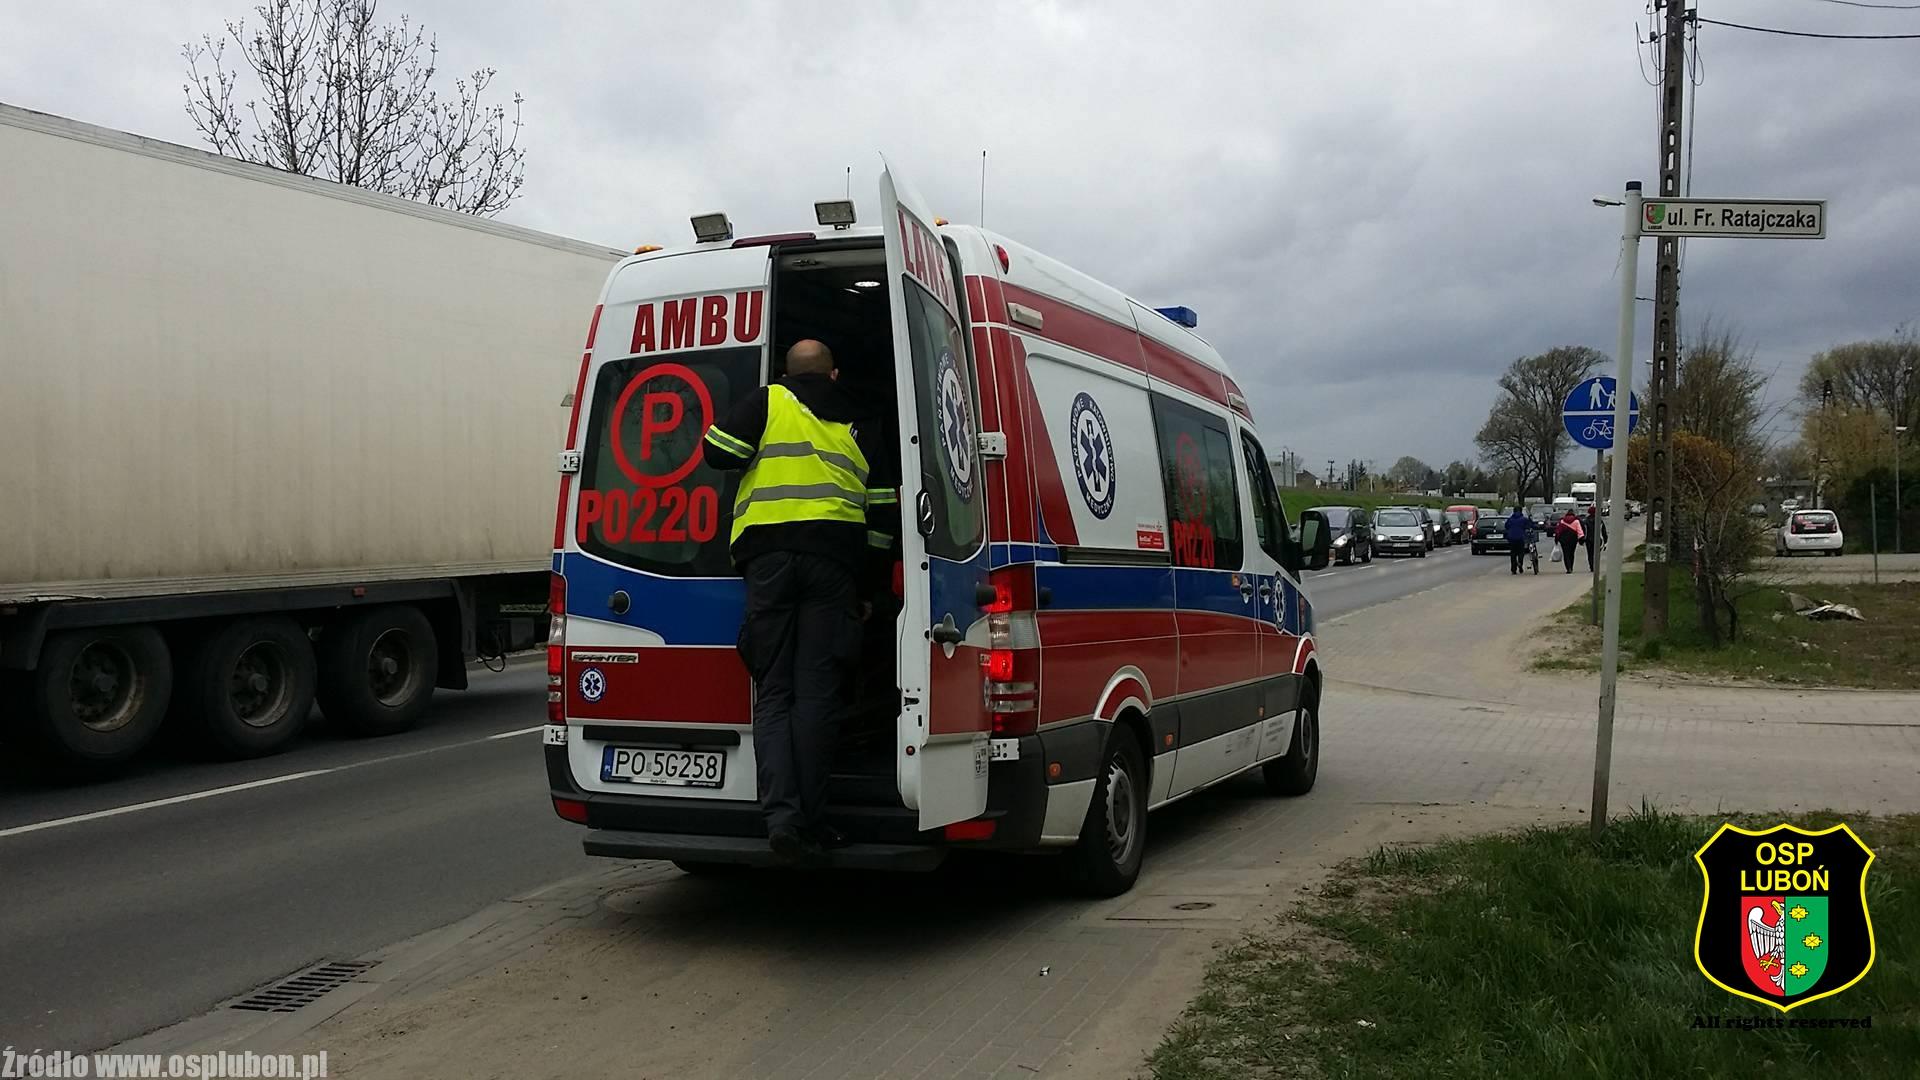 Wypadek na Armii Poznań – jedna osoba poszkodowana